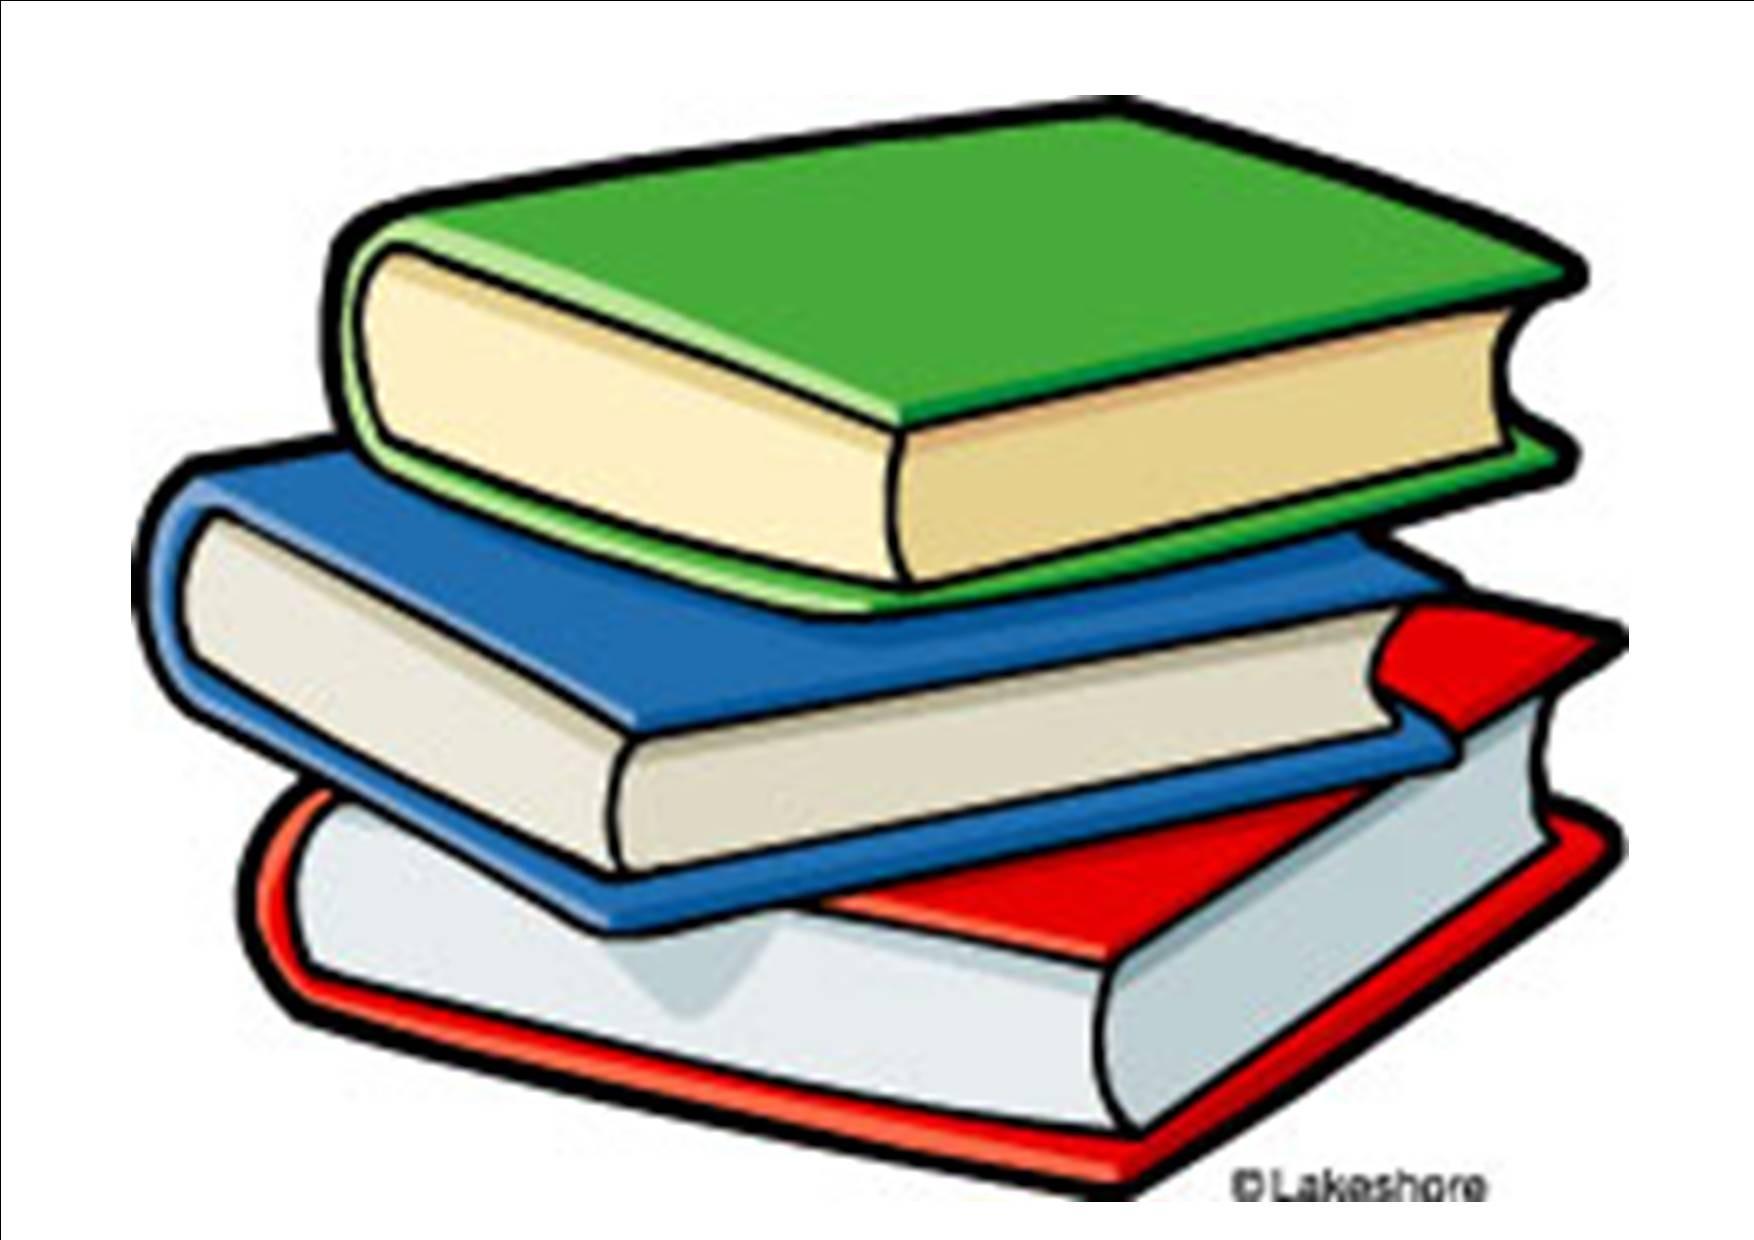 Cliparts school vector library library School Images Clip Art & School Images Clip Art Clip Art Images ... vector library library